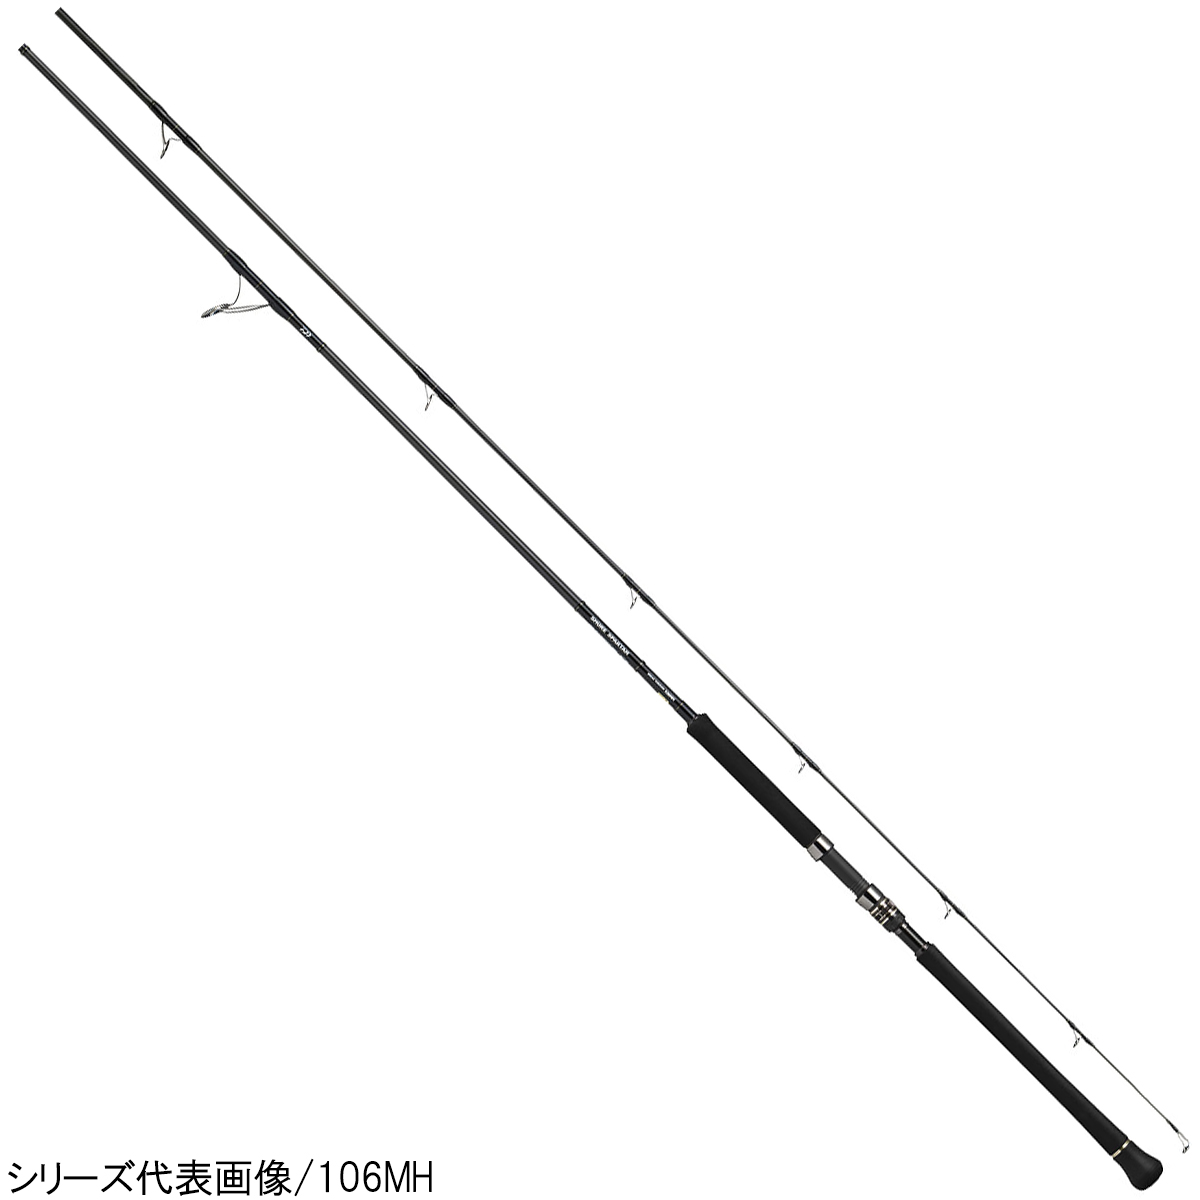 ダイワ ショアスパルタン ブレイクスルー 103H【大型商品】(東日本店)